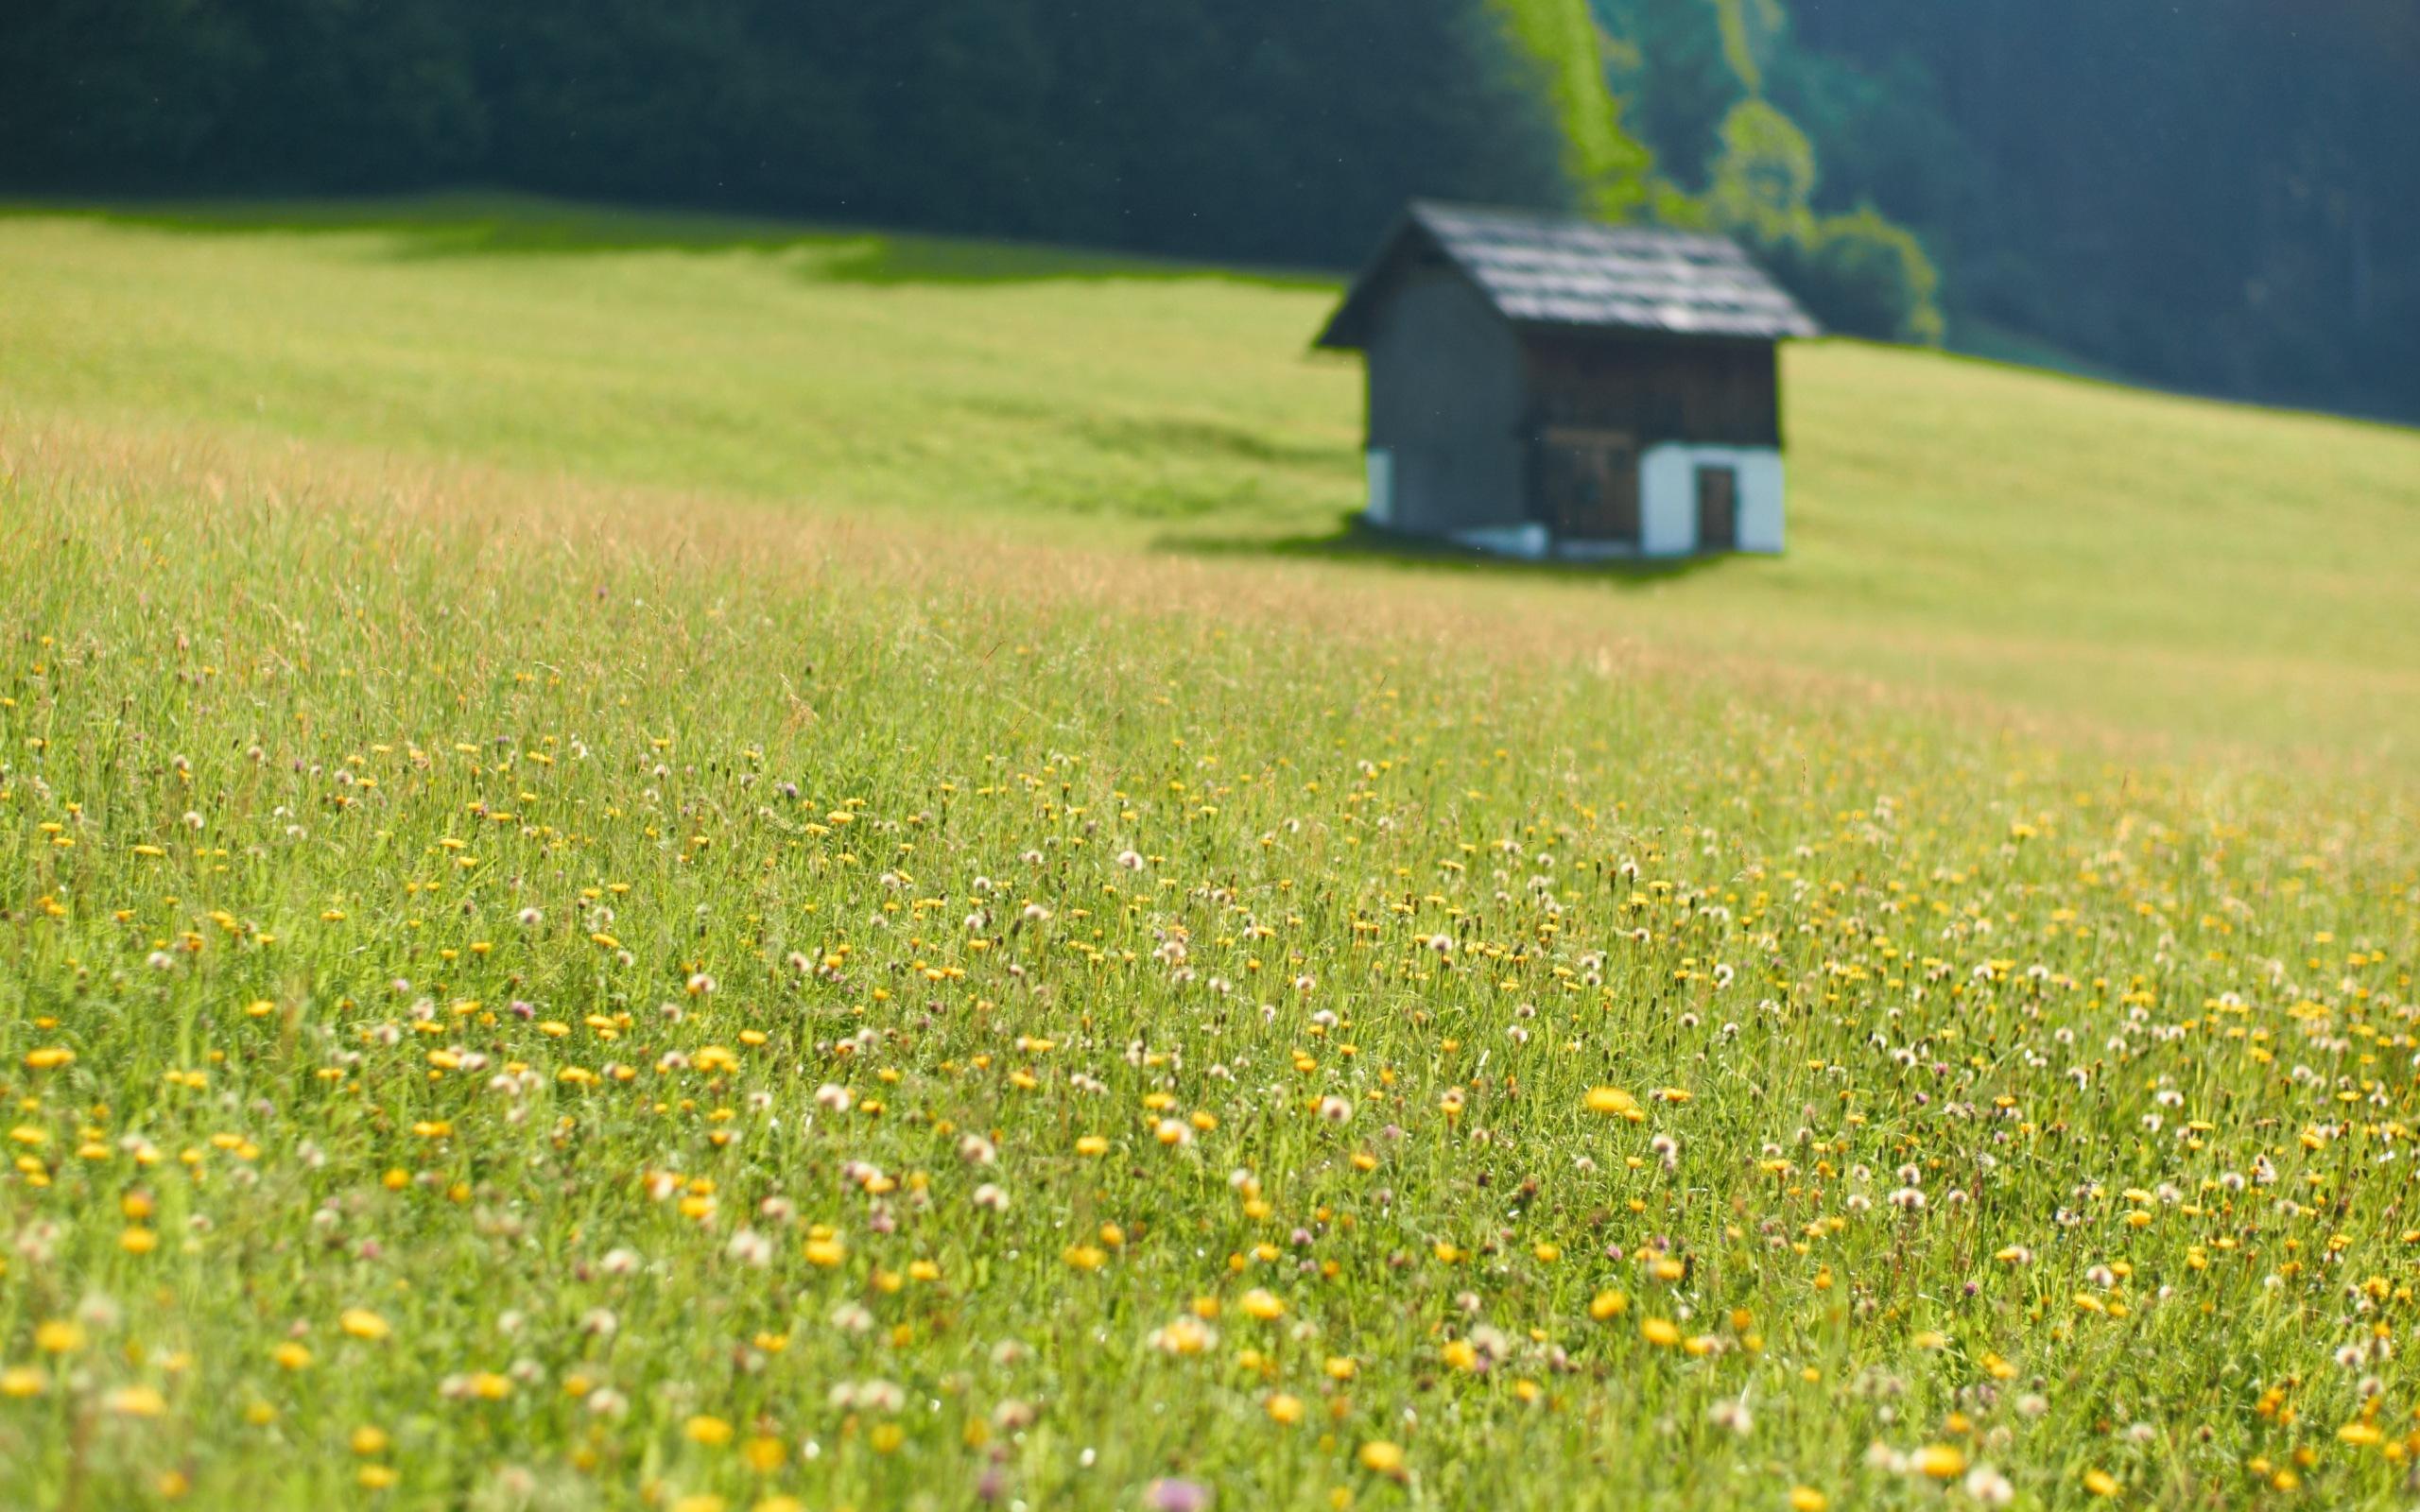 лужайка зелень трава фокус домик машинка без смс